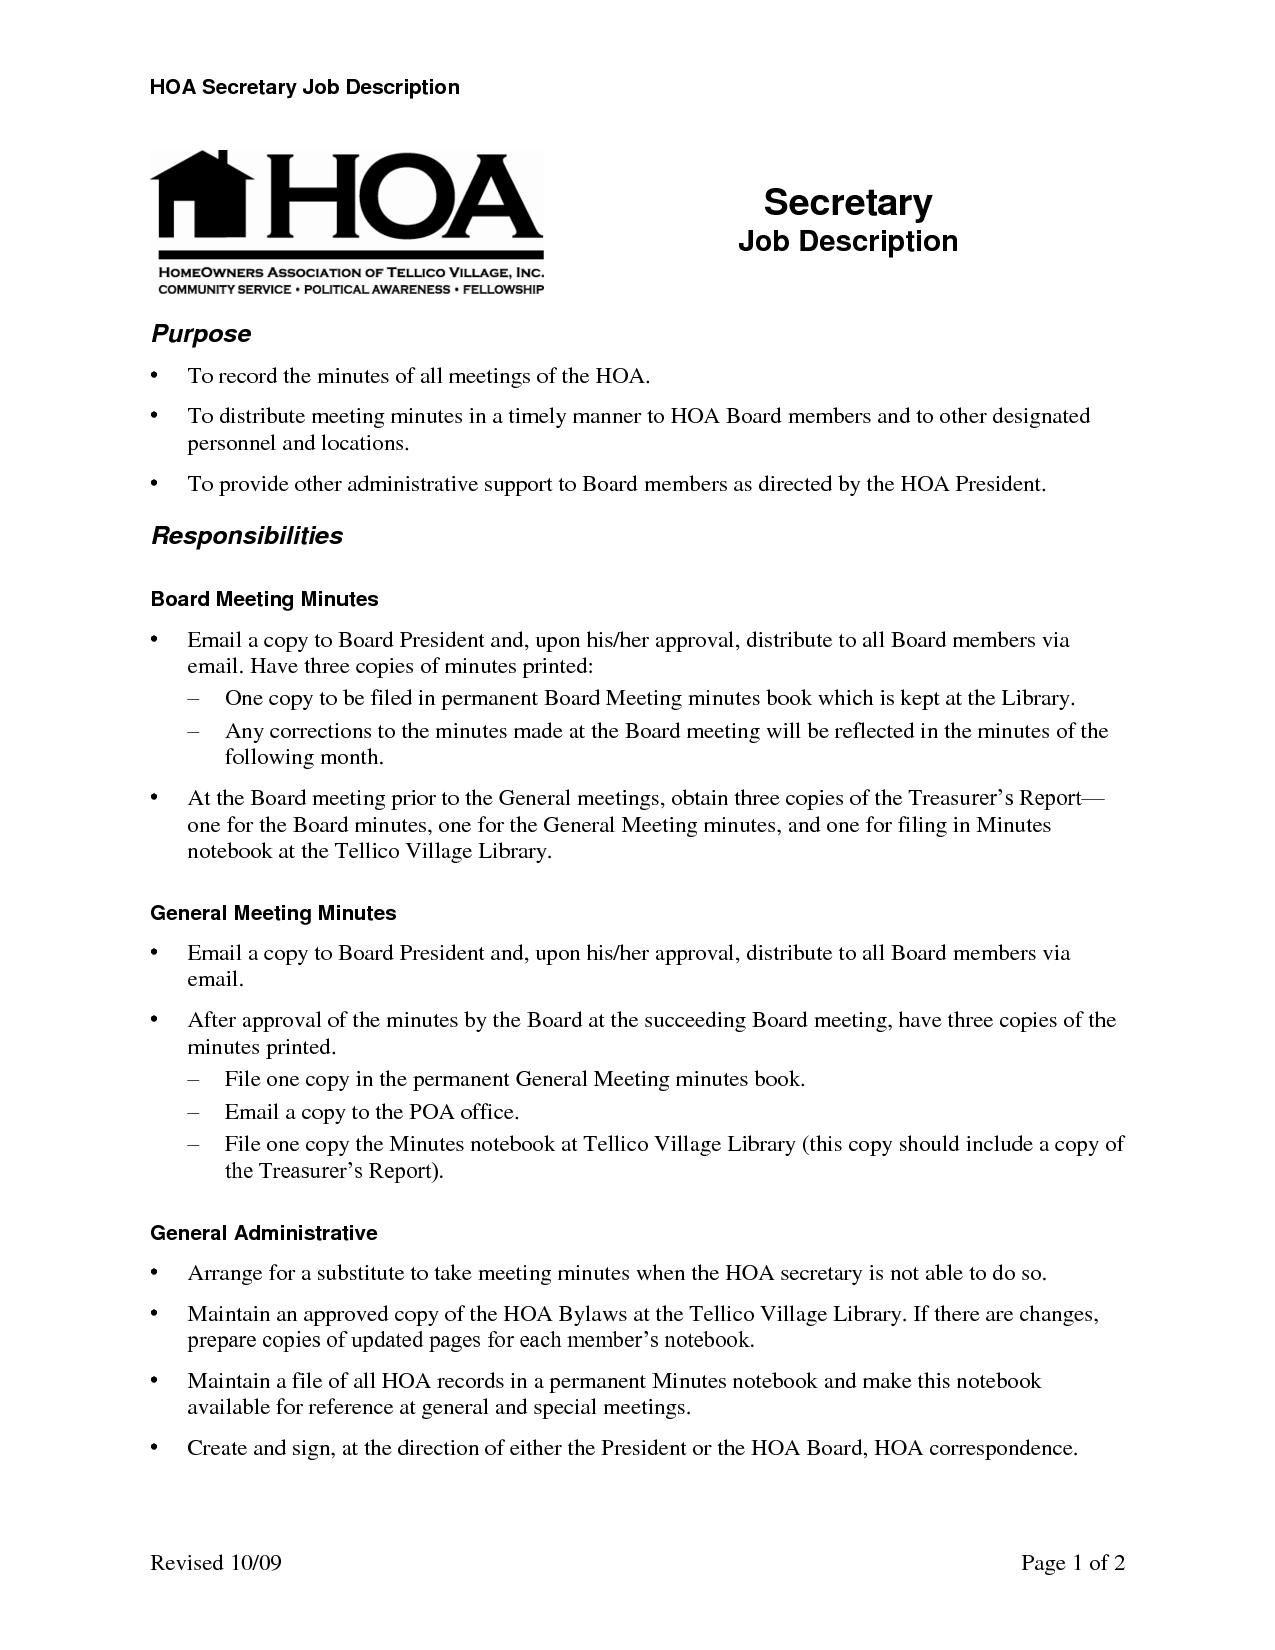 Hoa Meeting Minutes Template